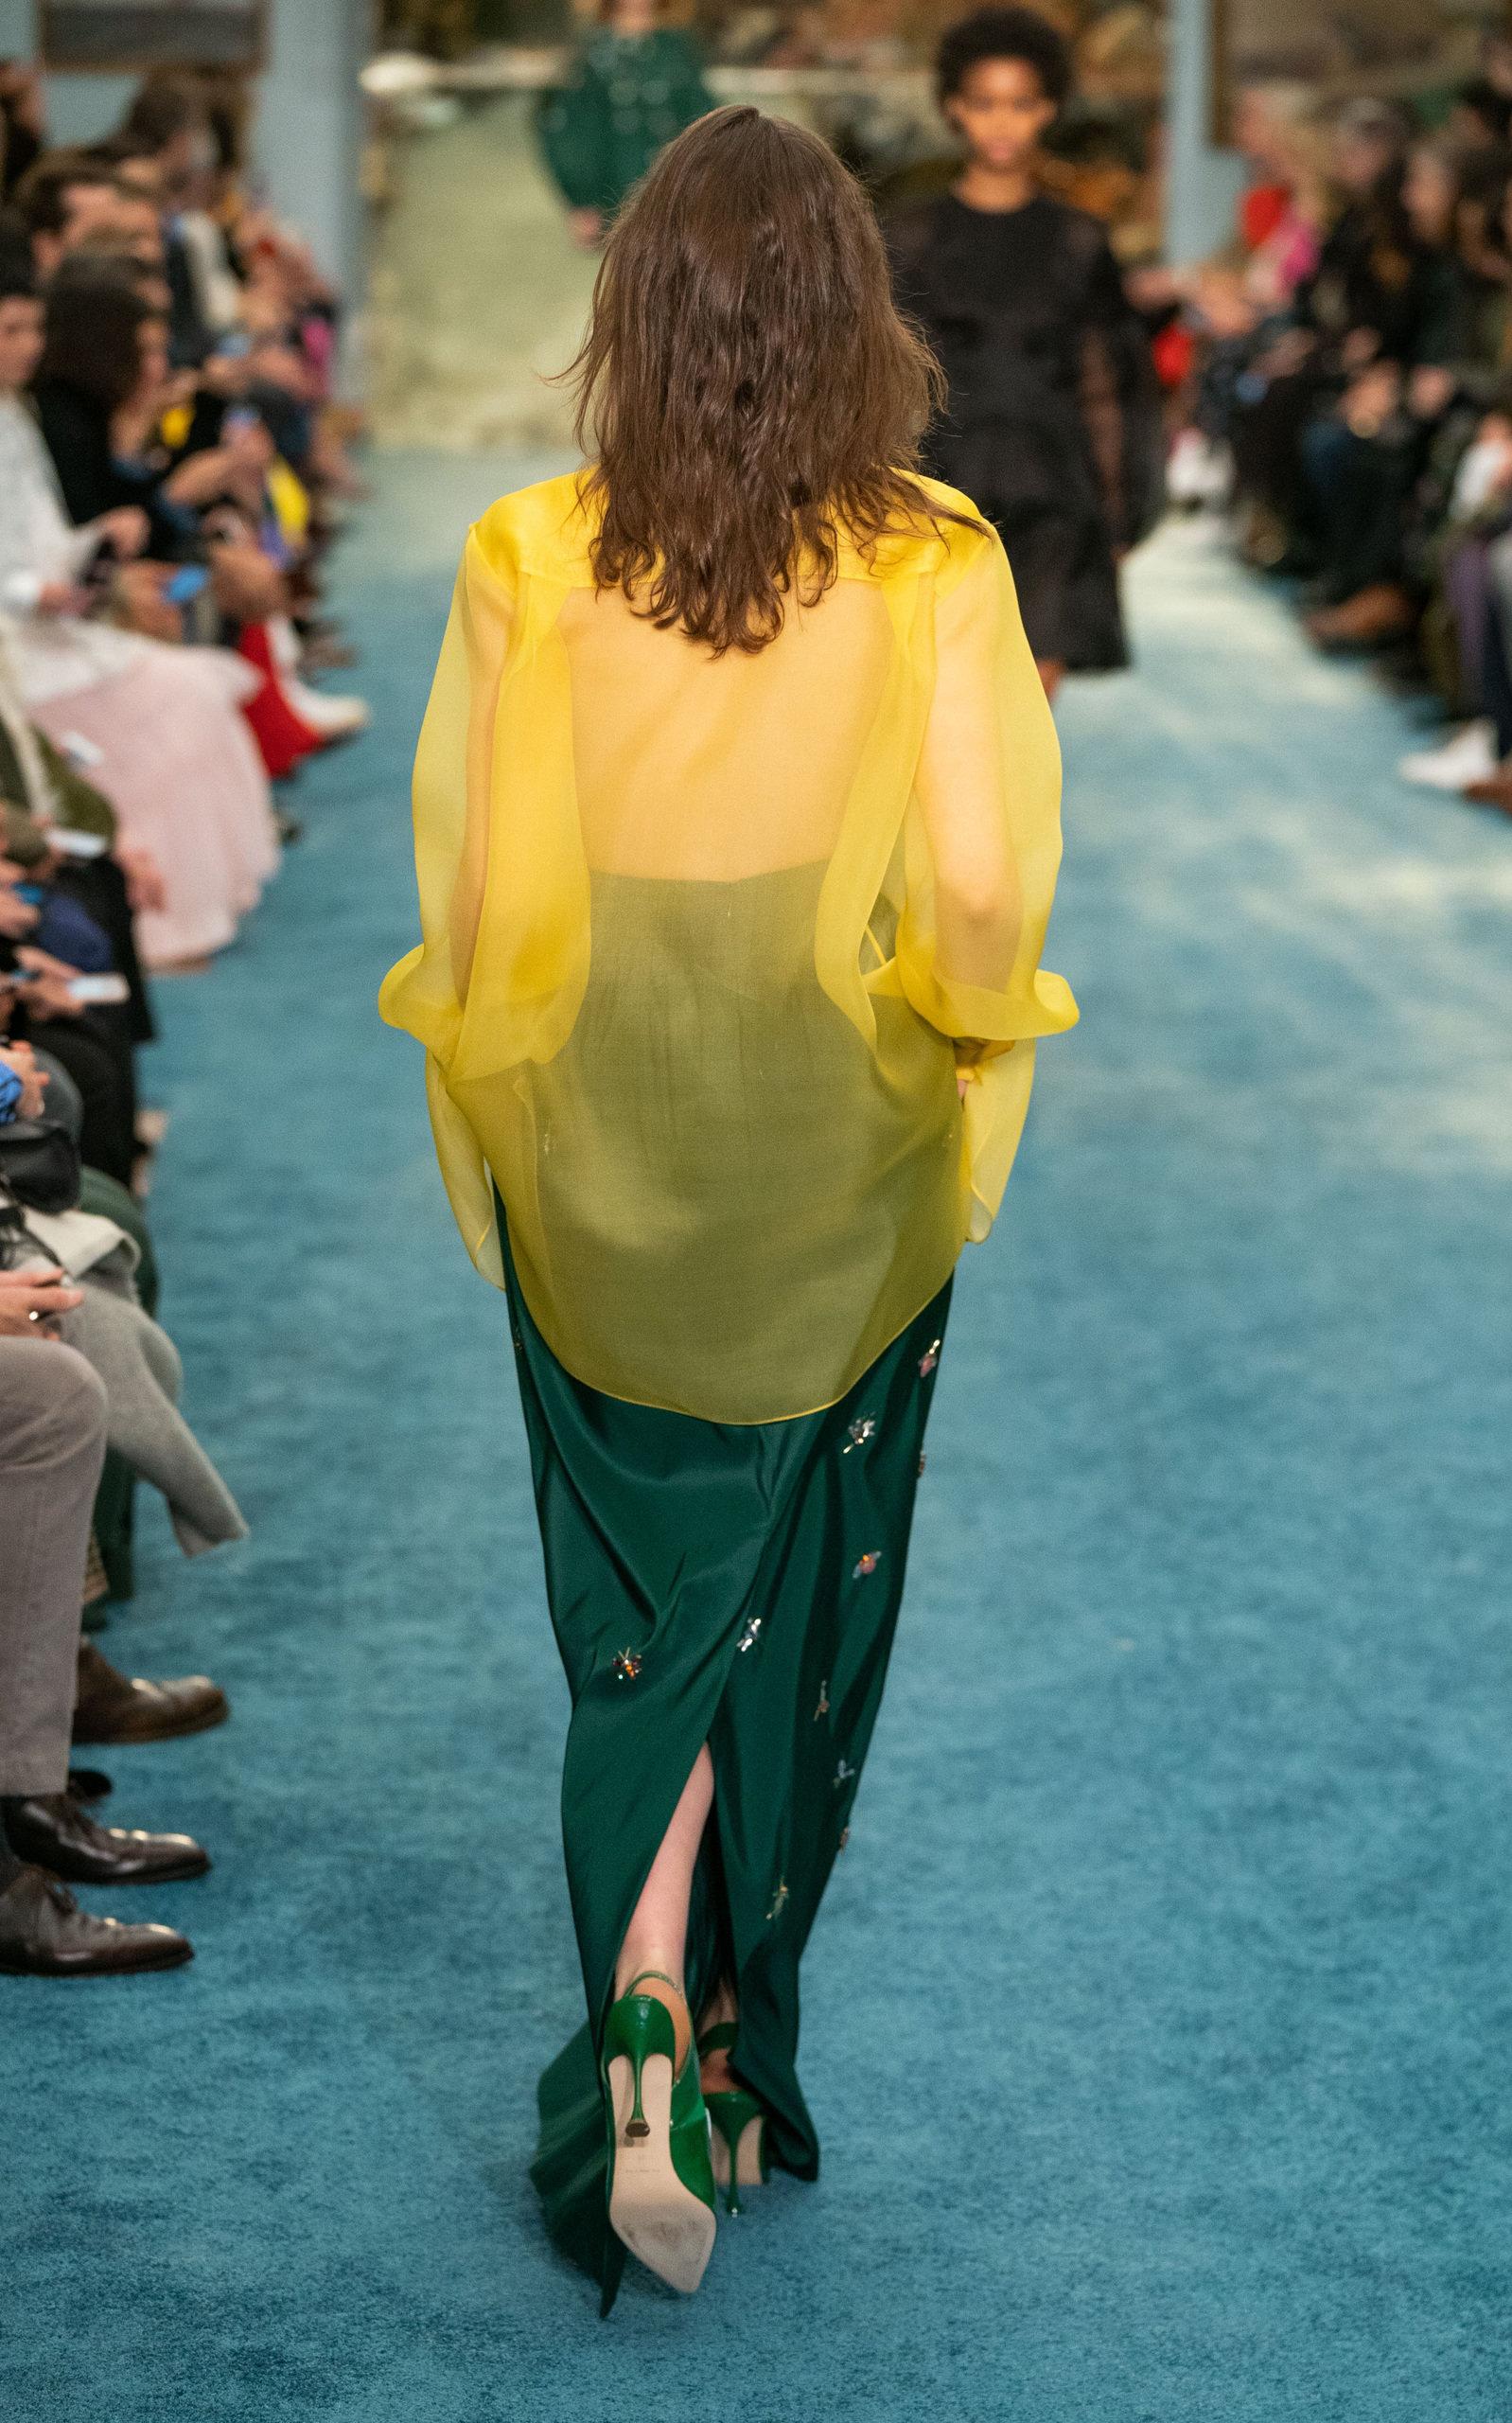 e2a19aac53 Carolina HerreraPleated Embellished Silk Maxi Skirt. CLOSE. Loading.  Loading. Loading